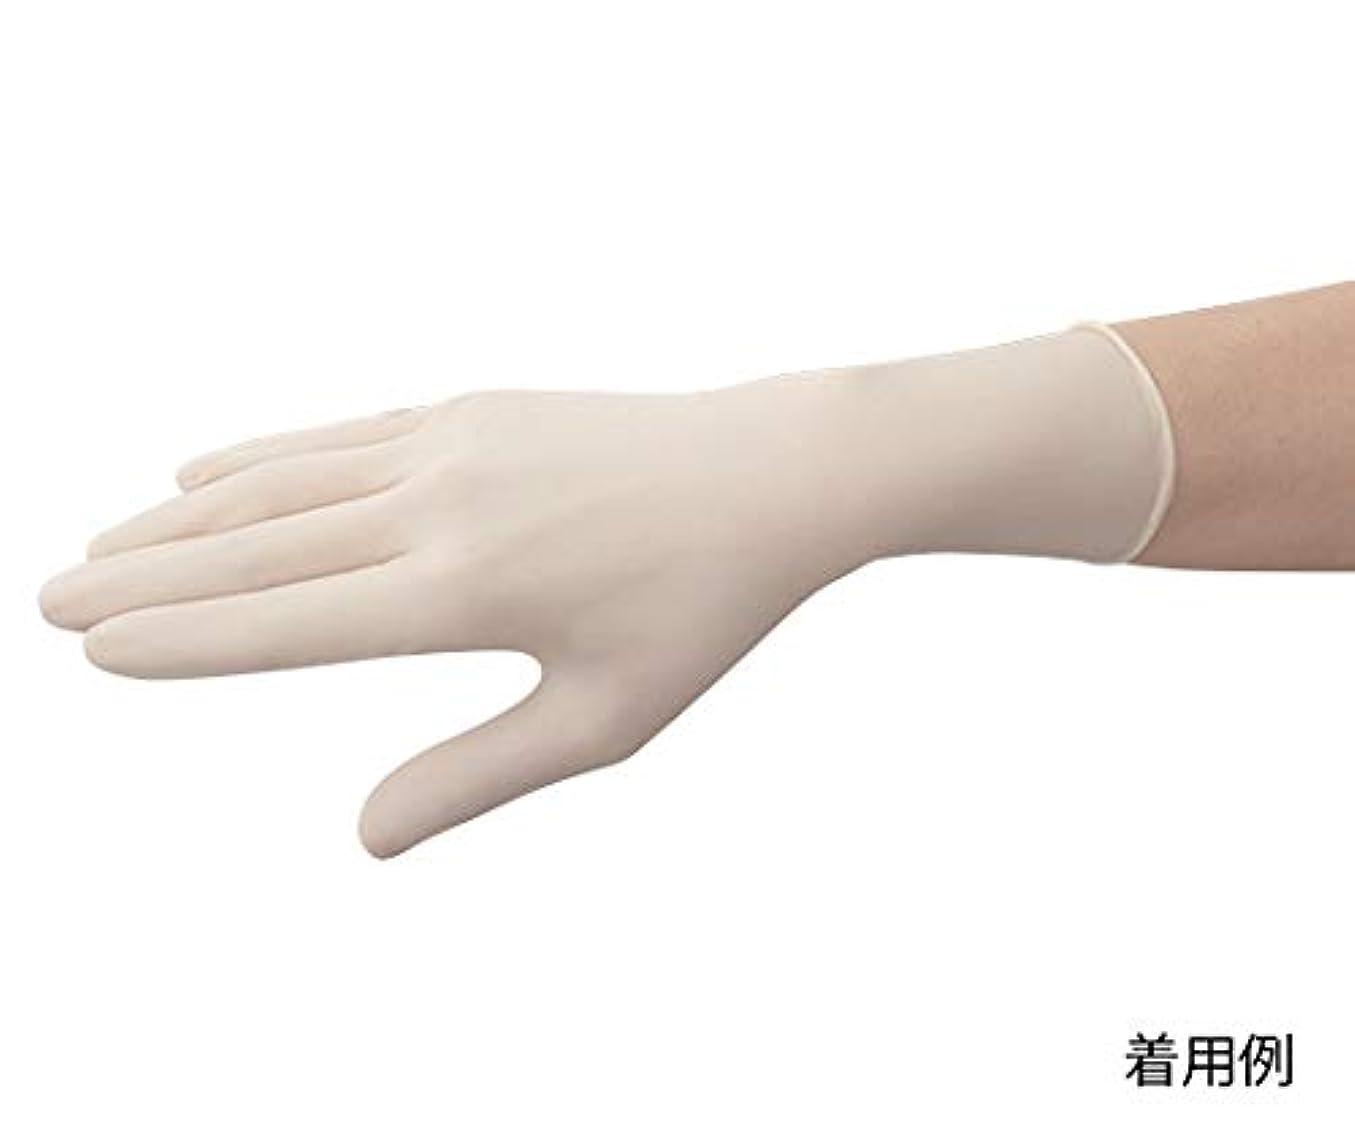 ケープこするきらきら東レ?メディカル 手術用手袋メディグリップ パウダーフリー50双 8175MG